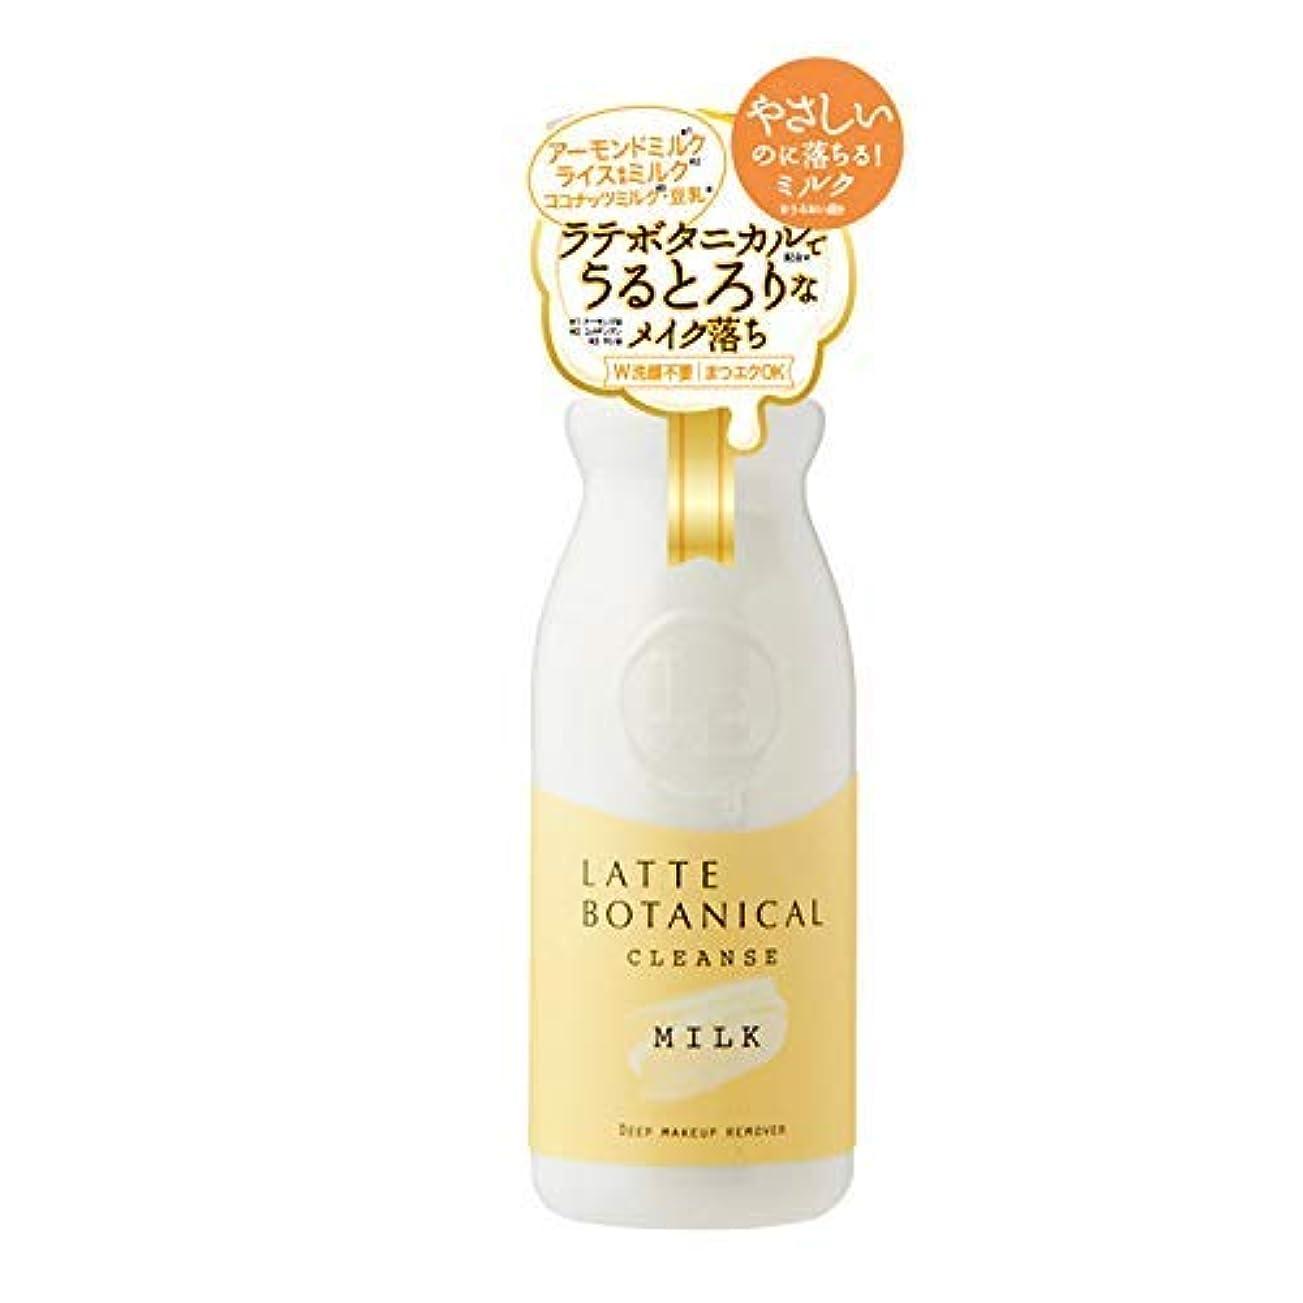 集める便利さバリーラテボタニカル クレンズミルク × 15個セット